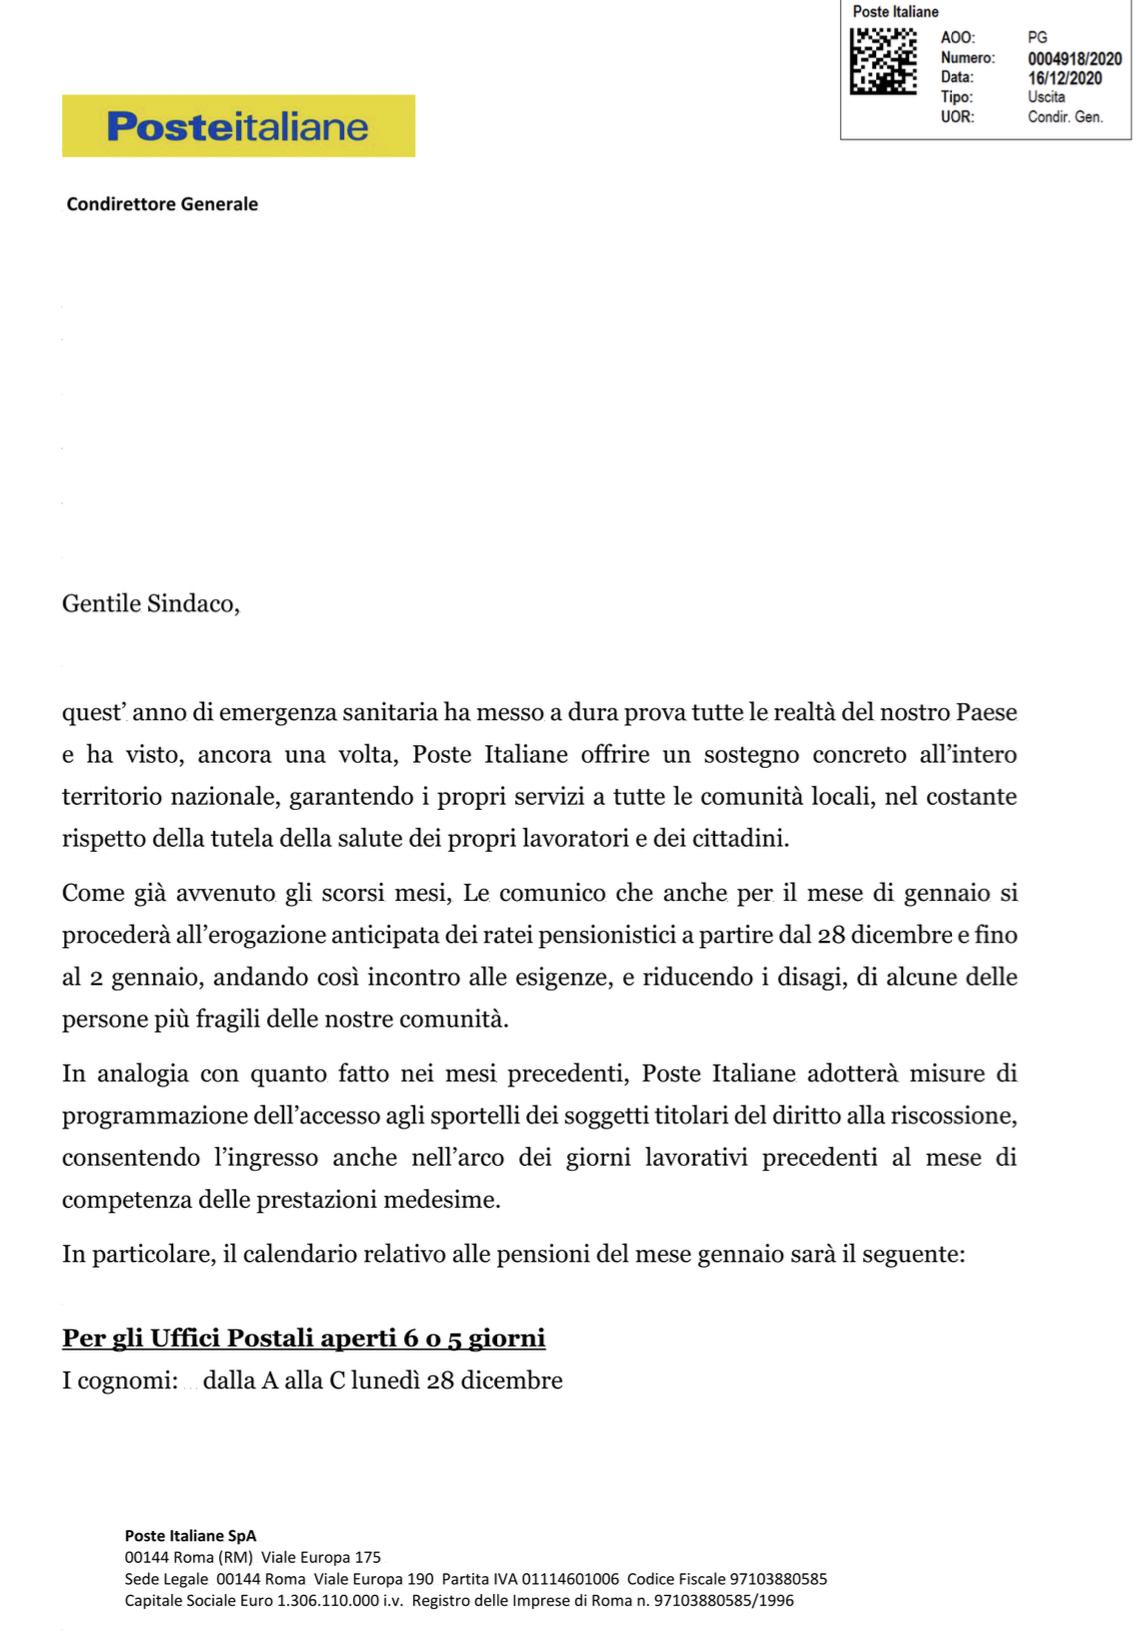 Comunicazione ritiro pensioni UFFICIO POSTALE